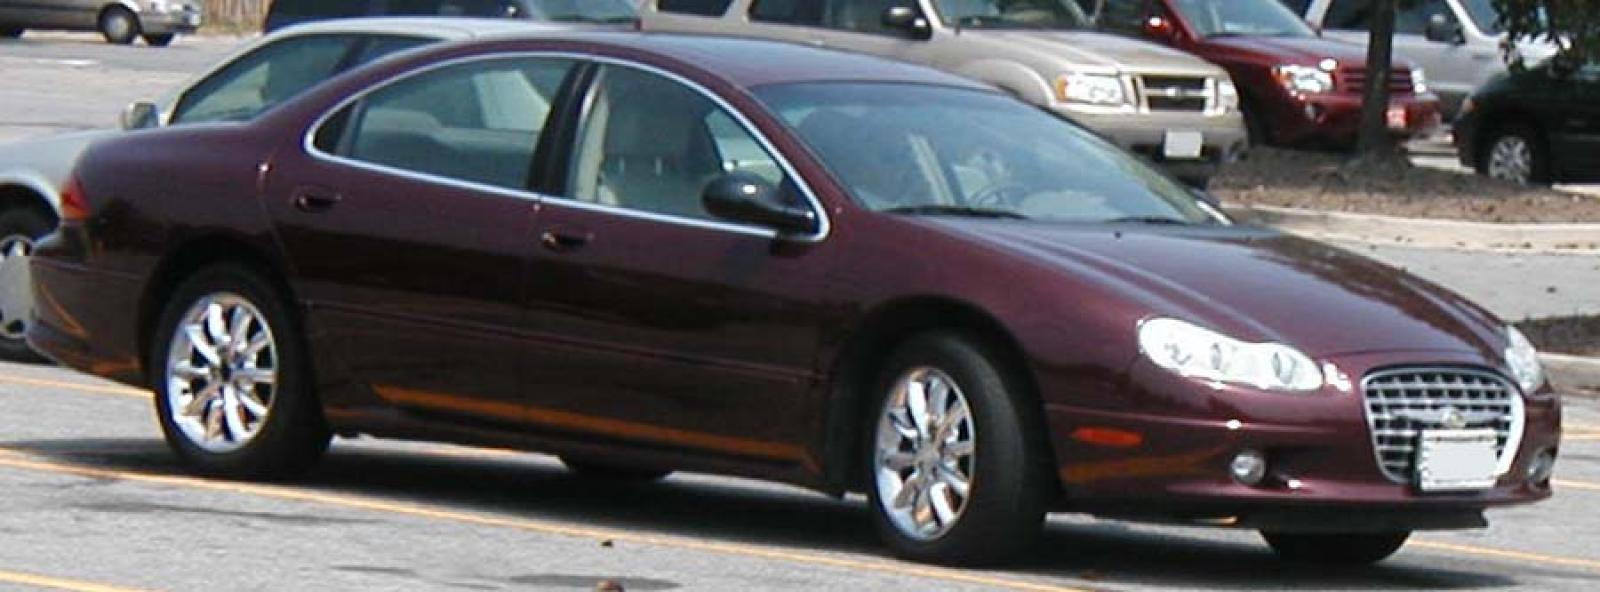 1999 Chrysler LHS #4